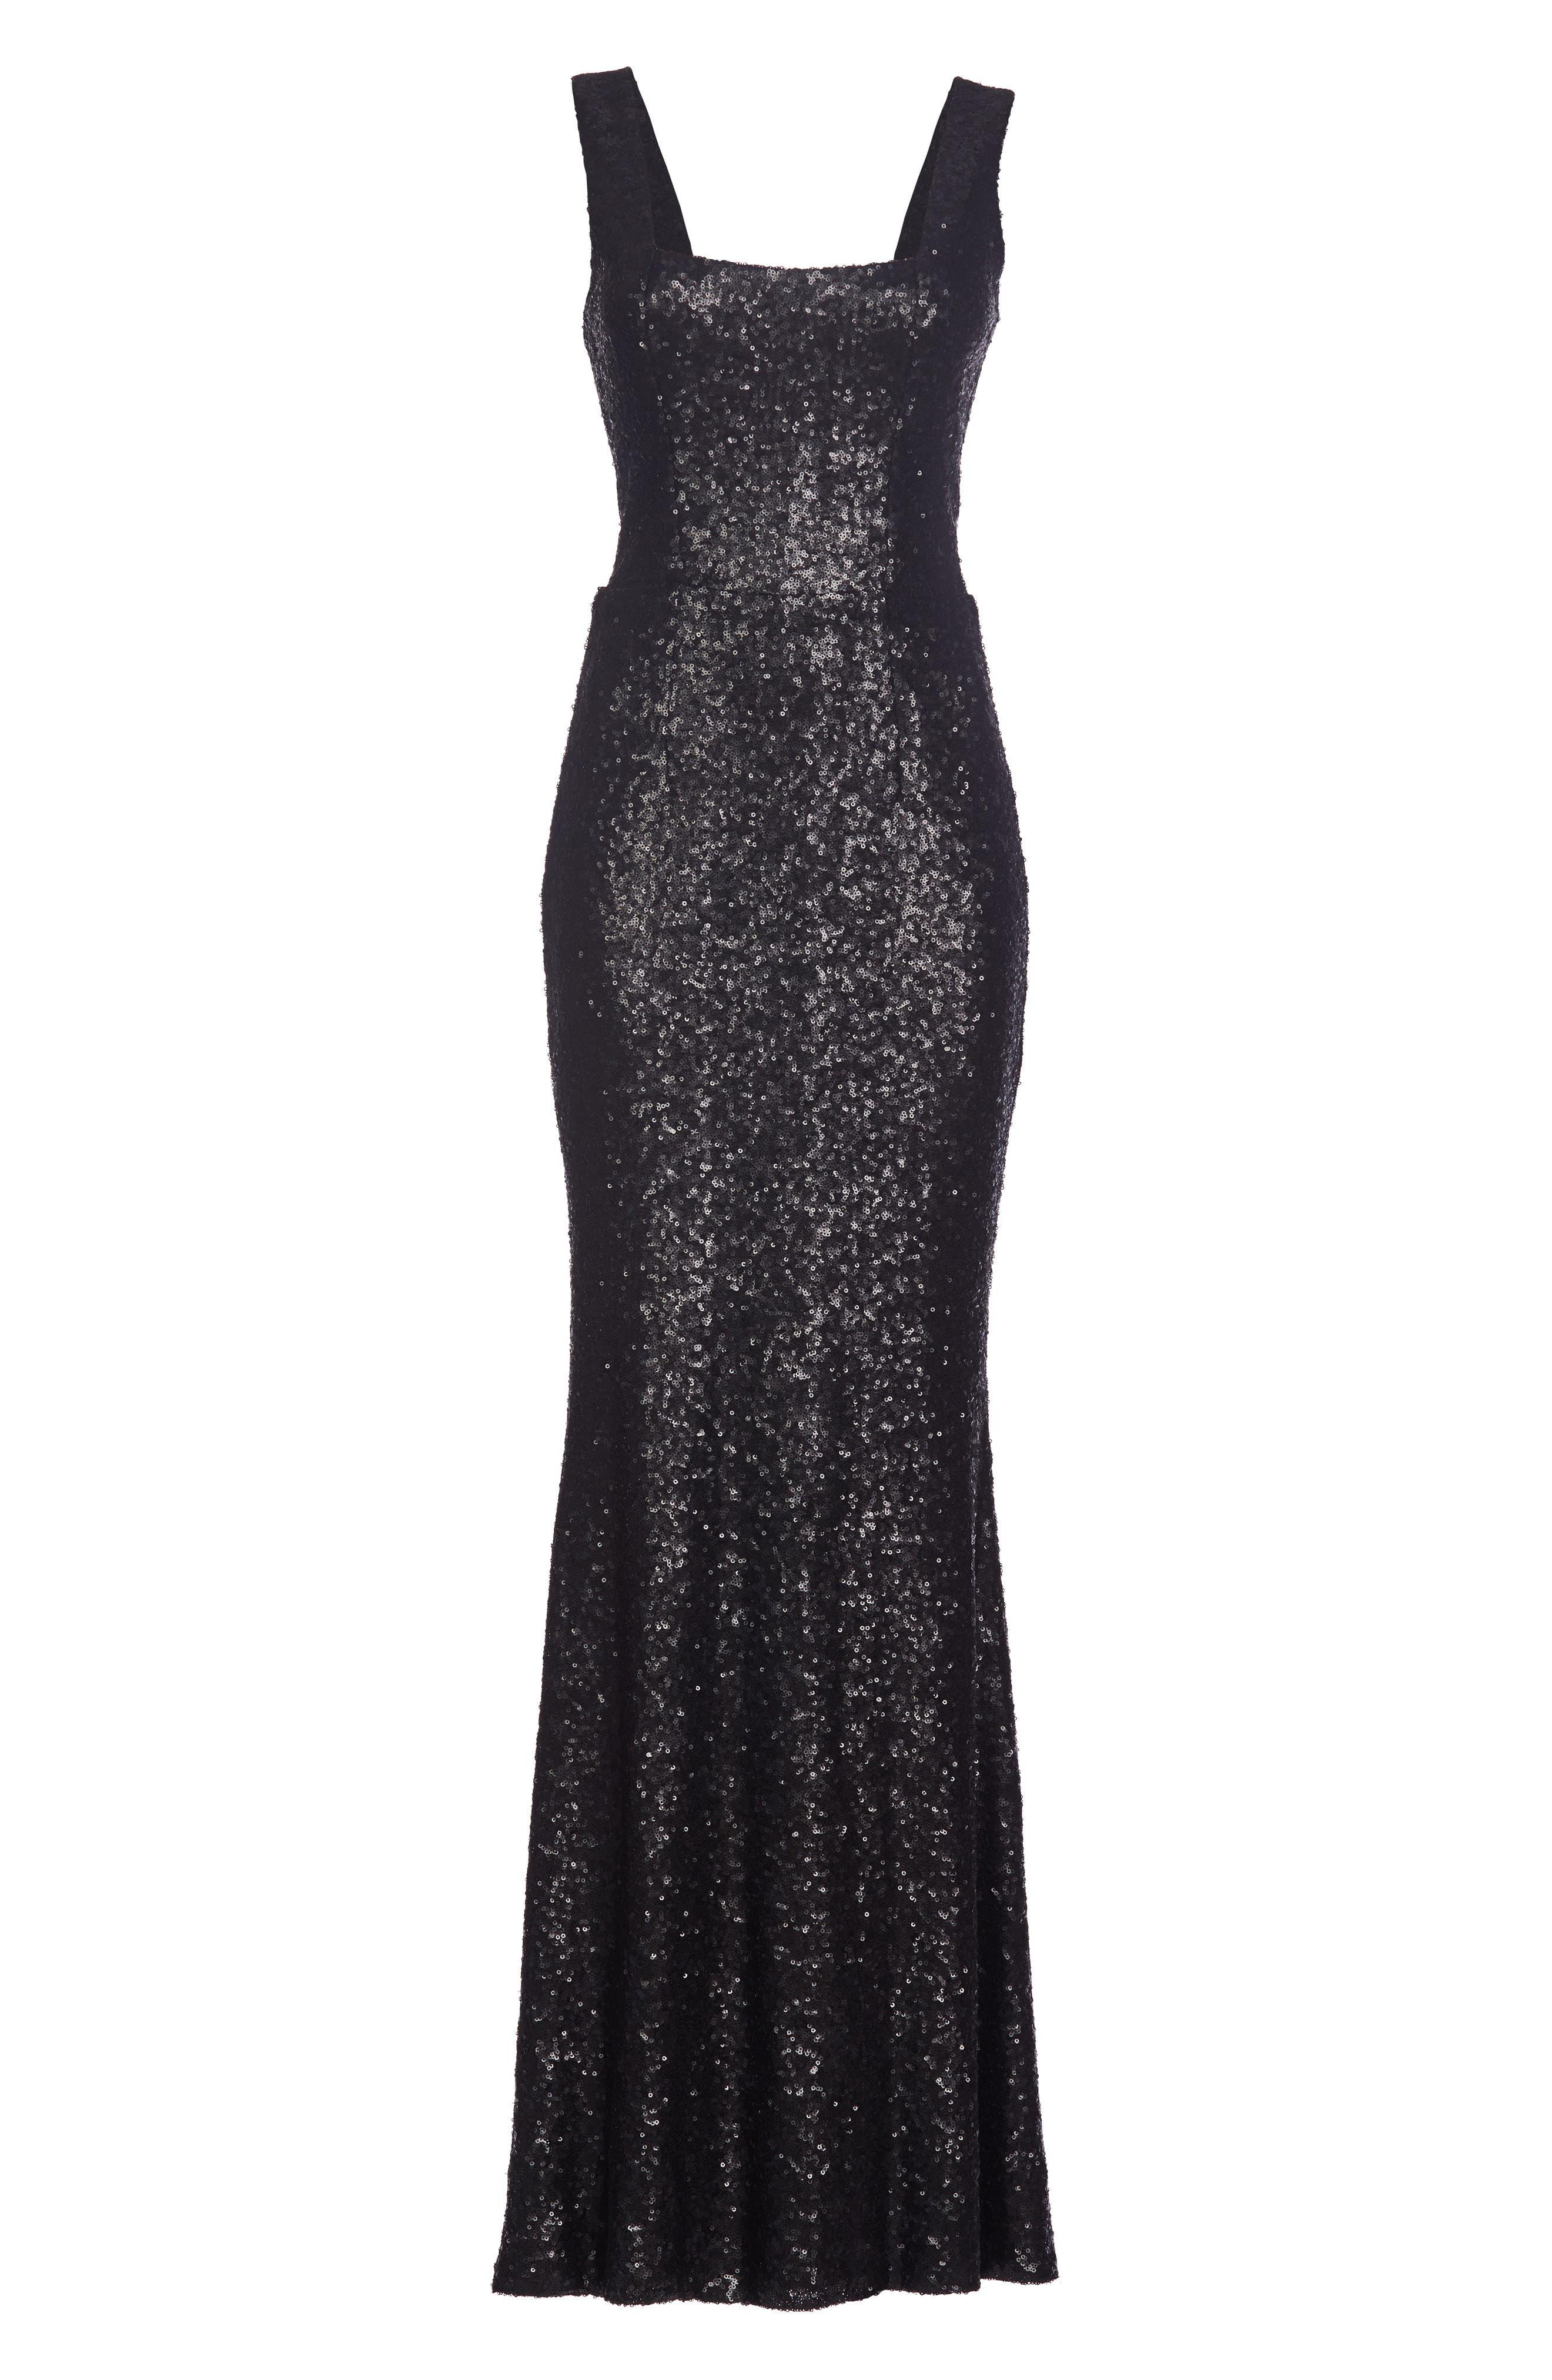 Raven Sequin Gown,                             Alternate thumbnail 4, color,                             018